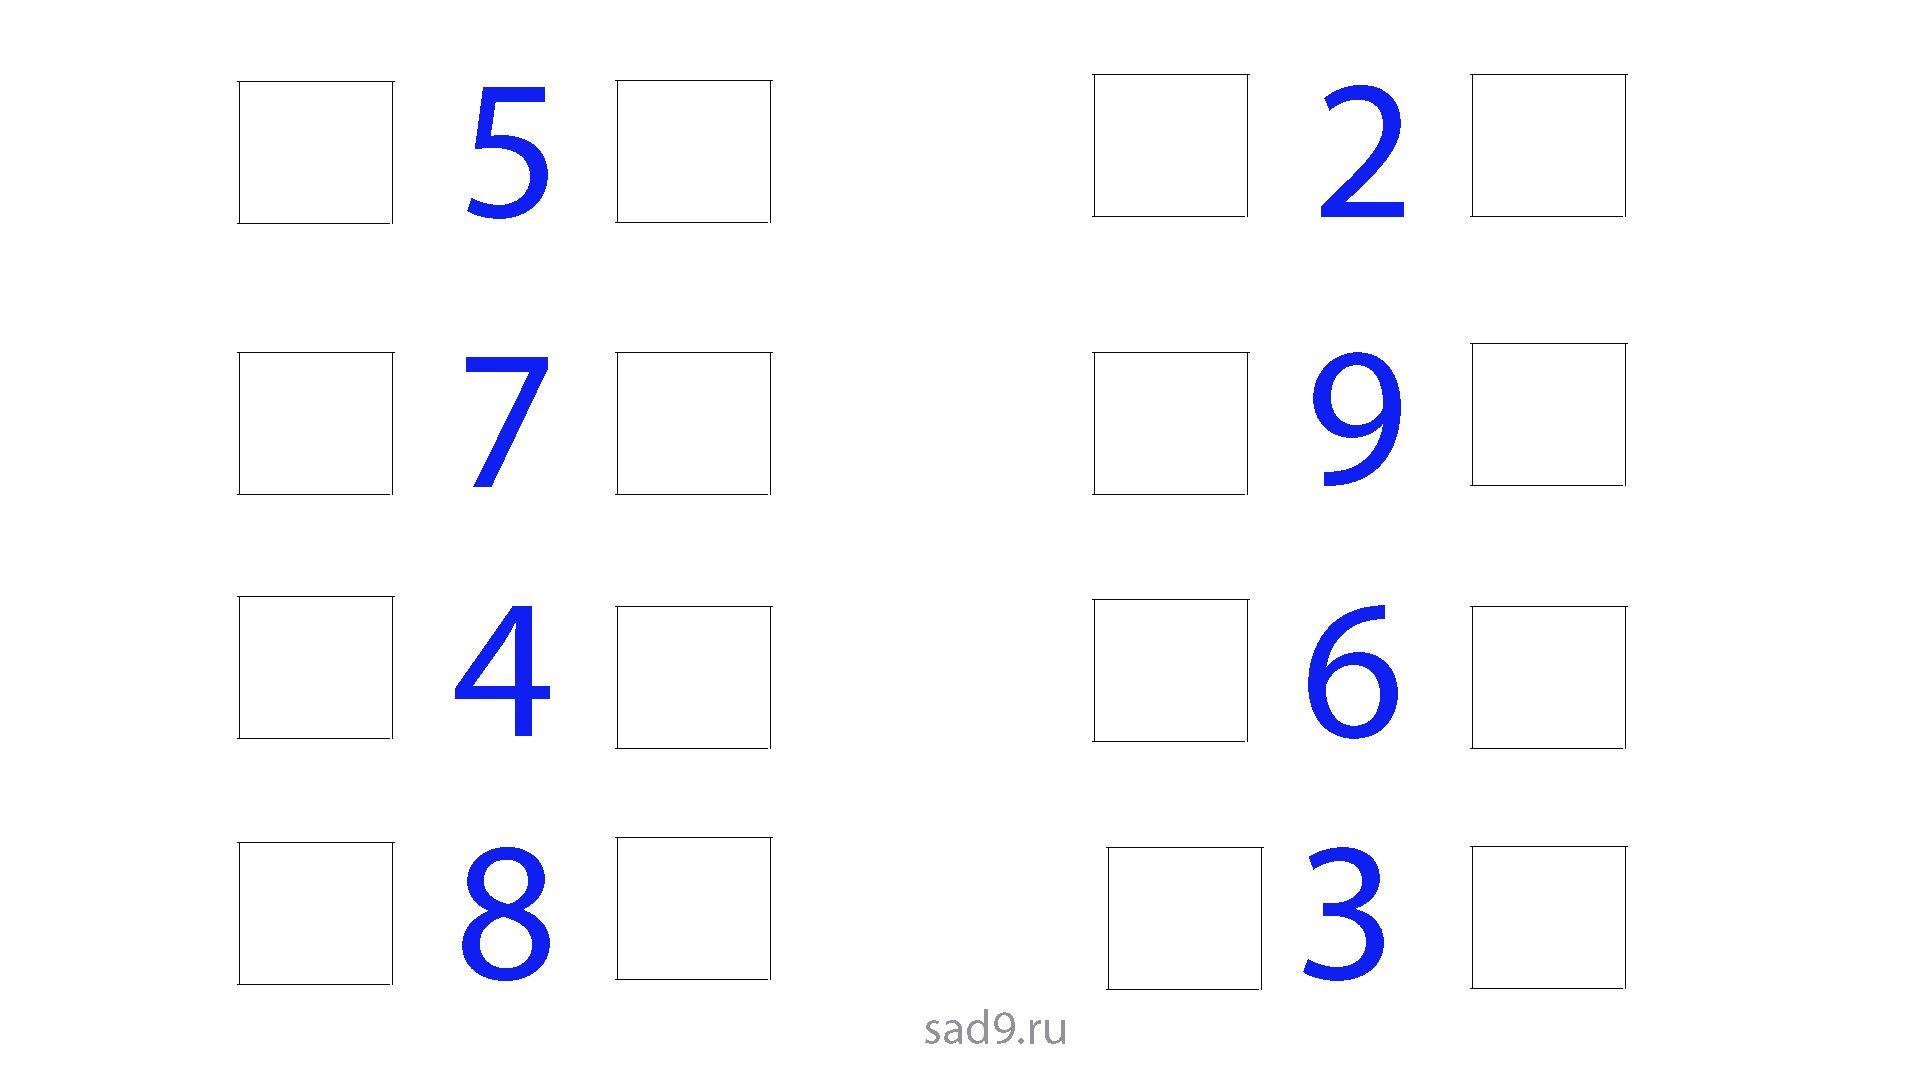 Интересные упражнения по математике для дошкольников 6-7 лет